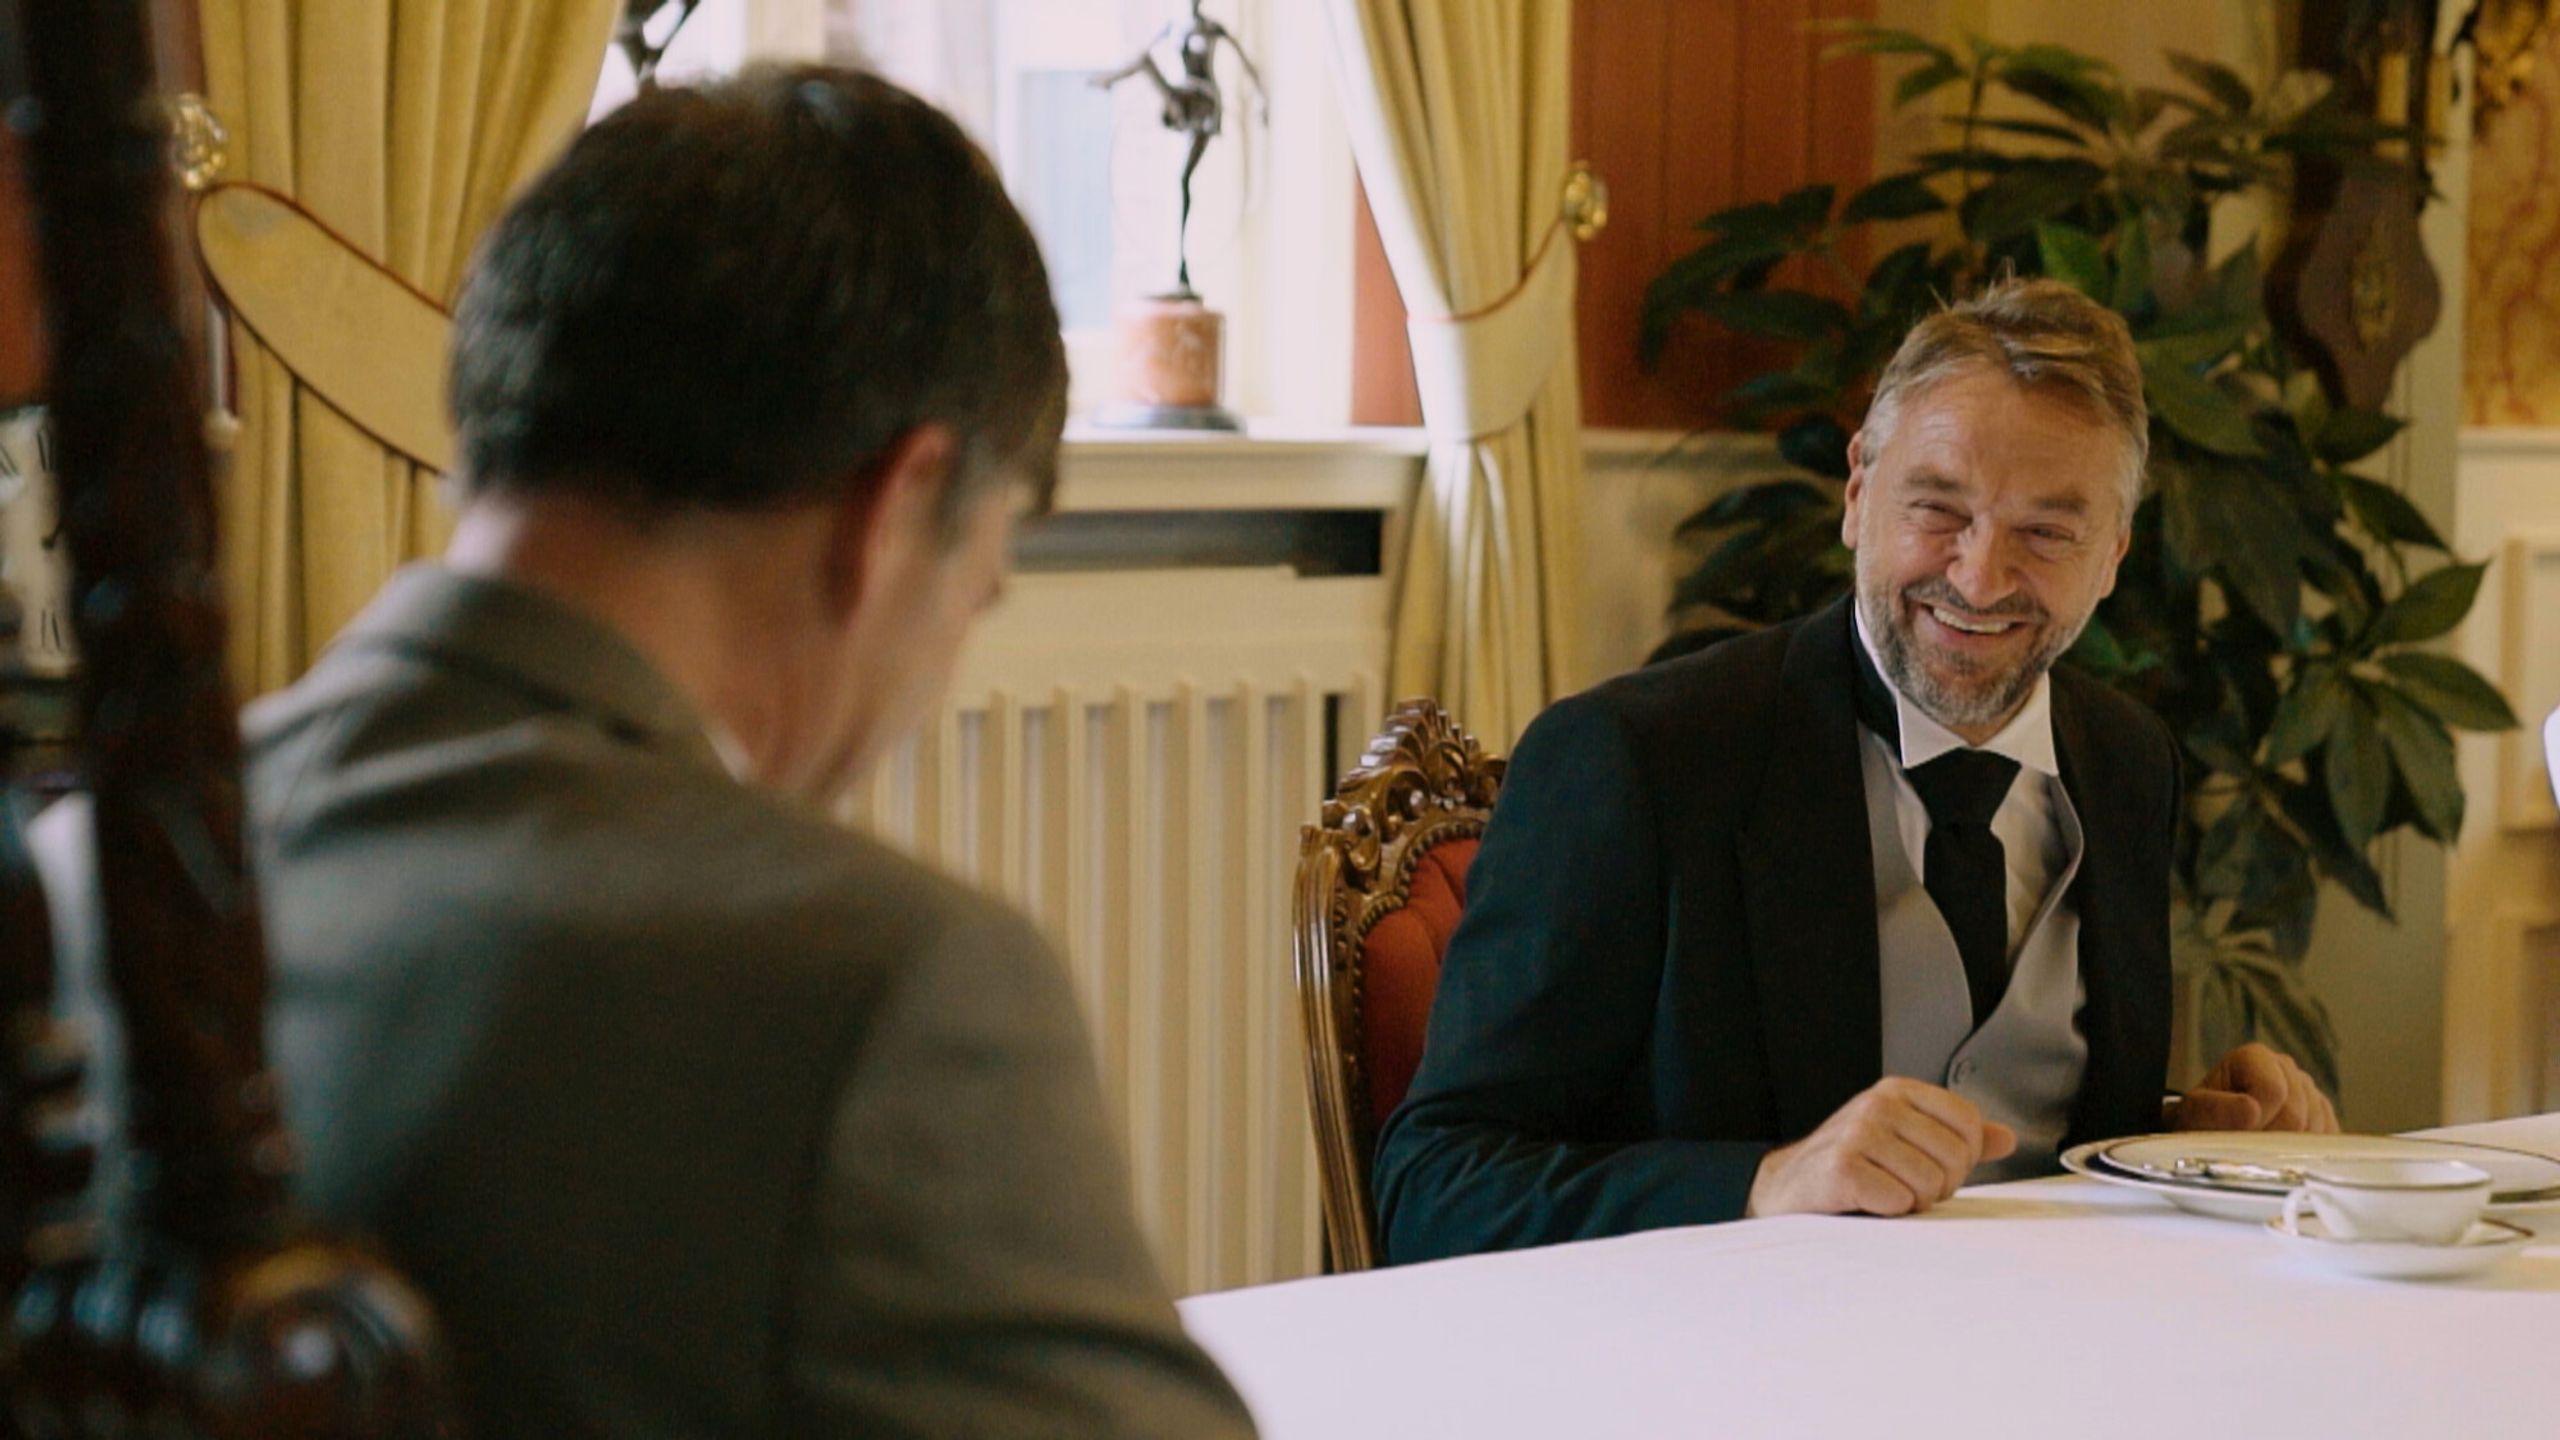 Klik hier om Reizen Waes Nederland van 17 oktober te bekijken.